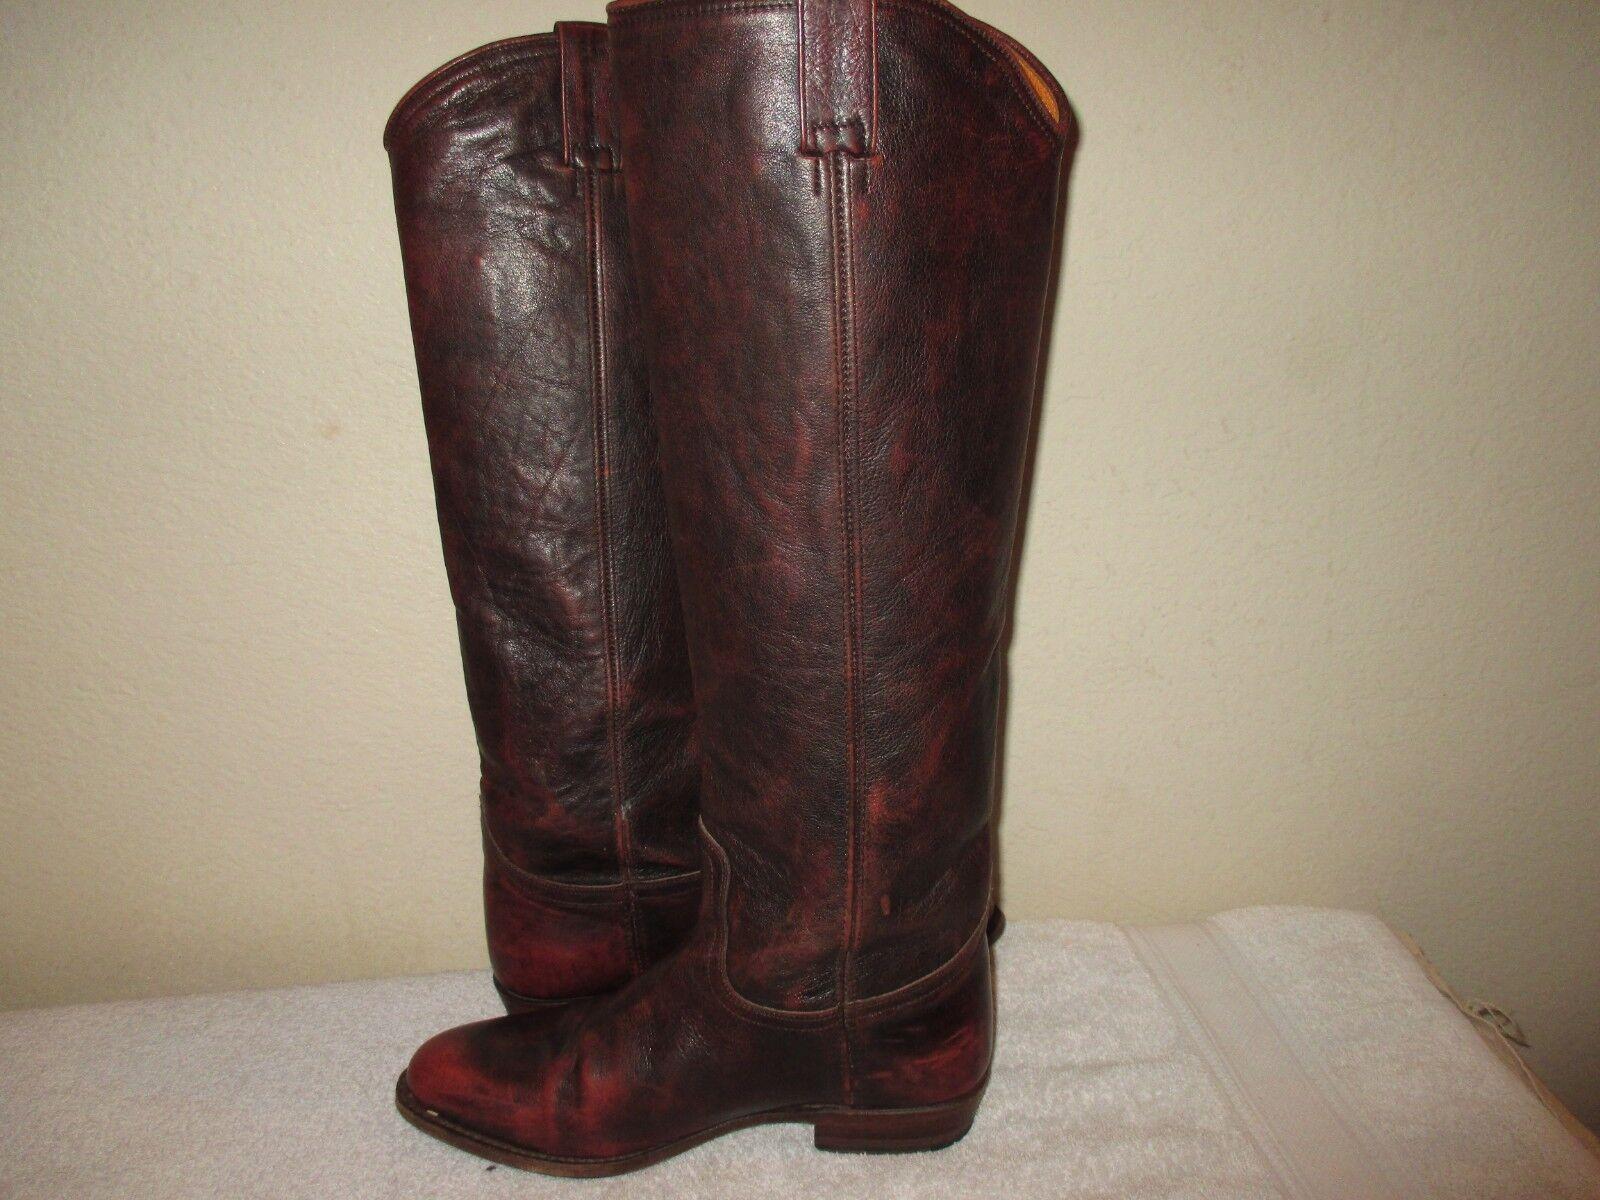 Frye aniversario aniversario aniversario Marrón 18.5  Alto Montar botas De Vaquero Talla 8.5 m  598  la mejor oferta de tienda online